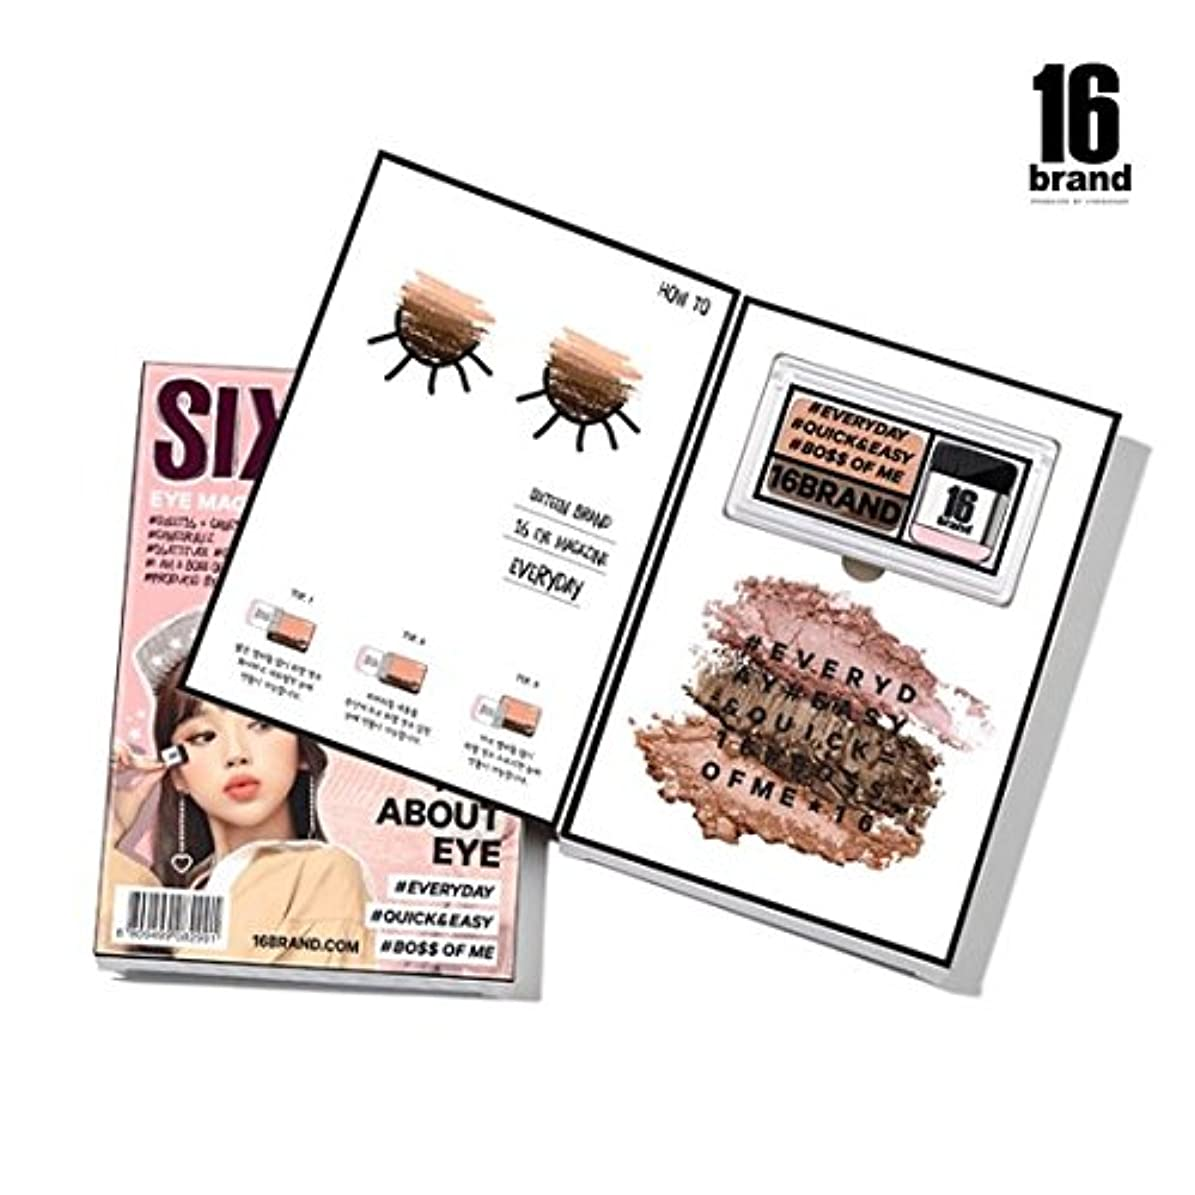 リスナー出発クラックポット16brand Sixteen Eye Magazine Everyday 2g/16ブランド シックスティーン アイ マガジン エブリデイ 2g [並行輸入品]